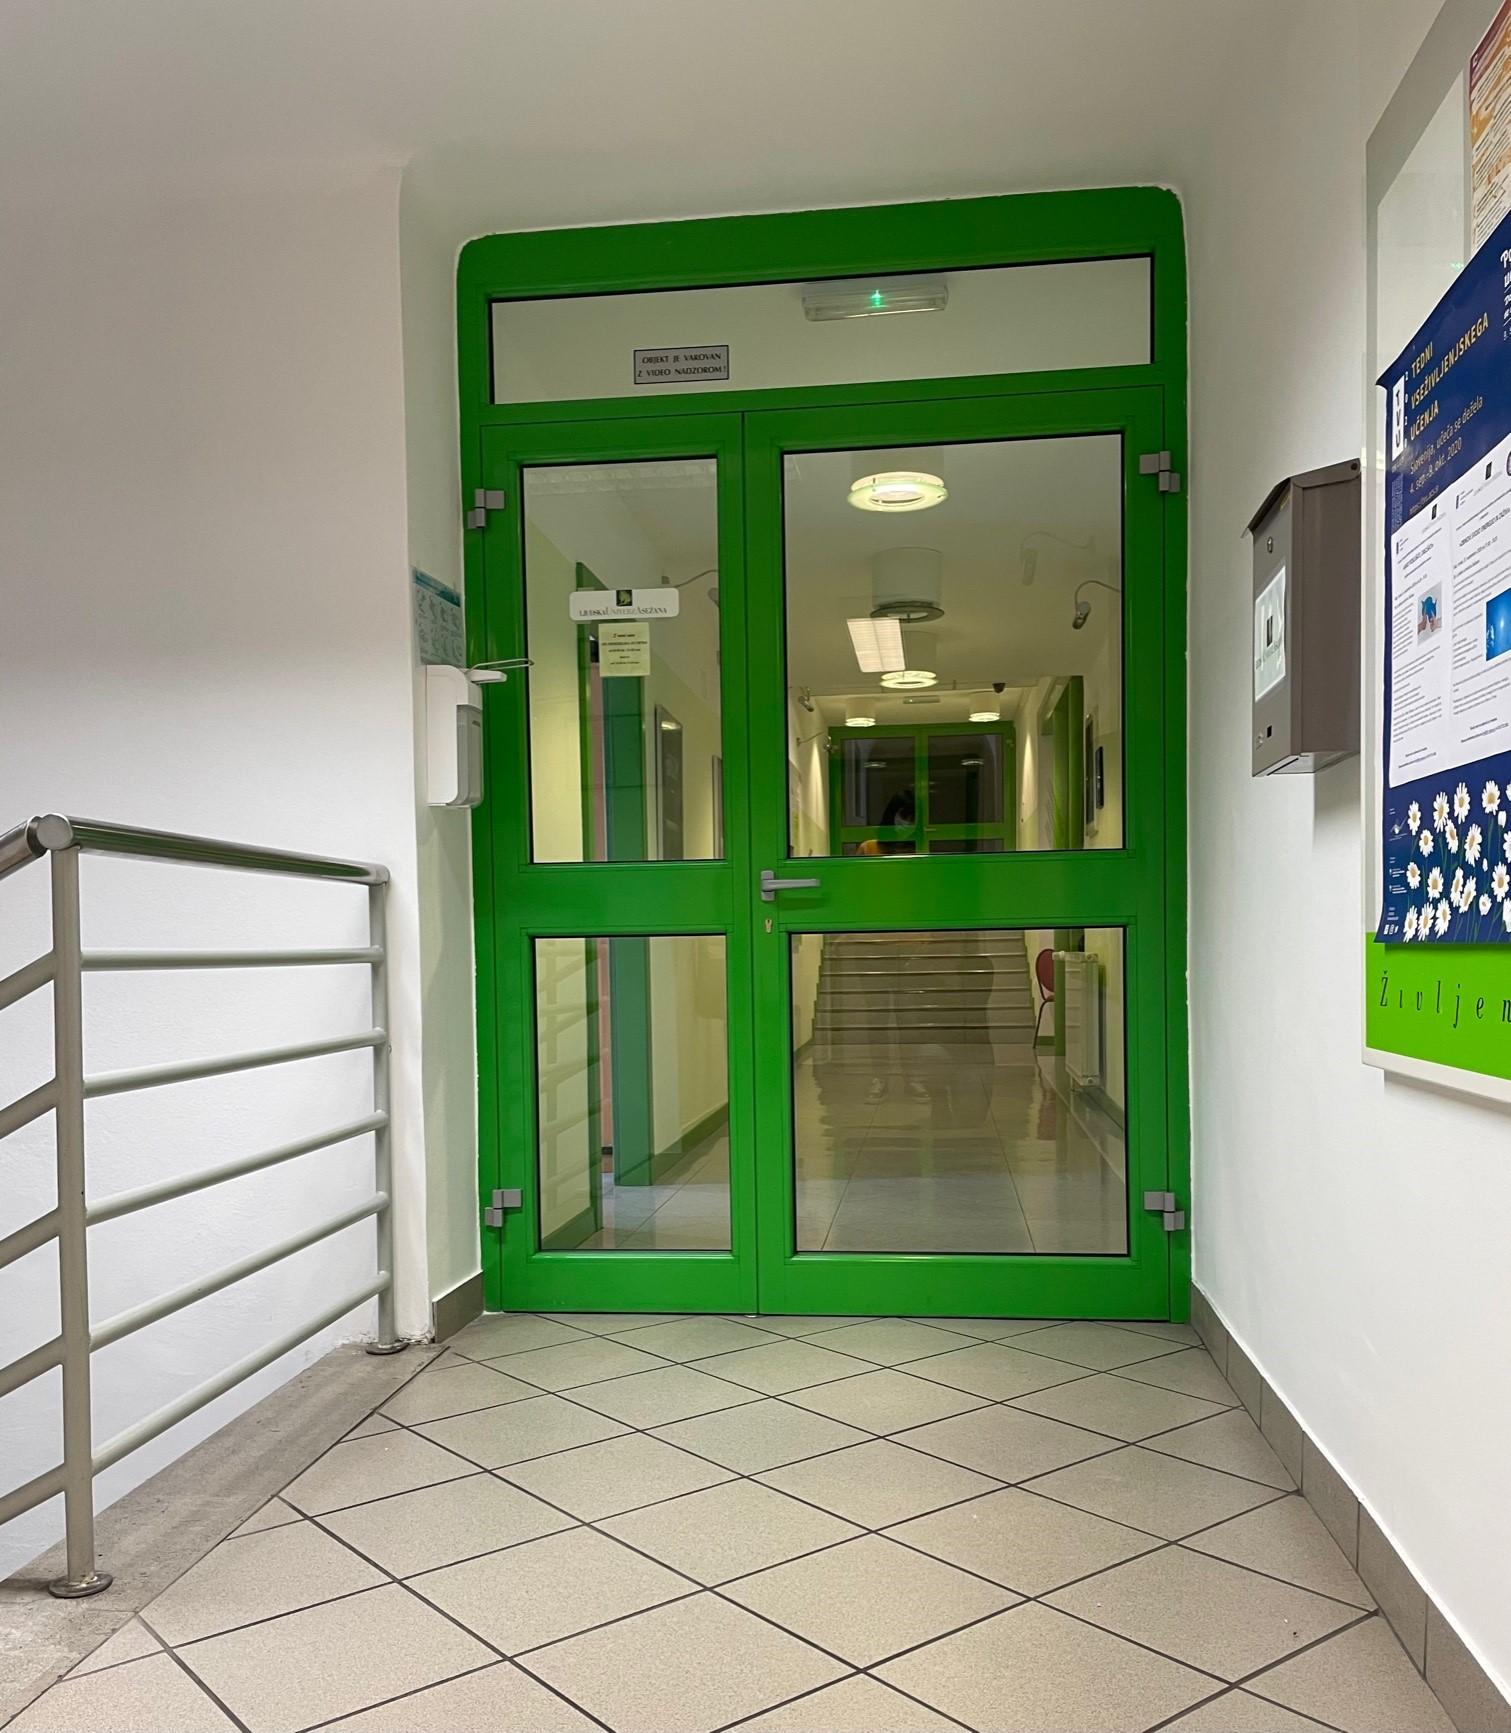 Ljudska_vhod_pisarne